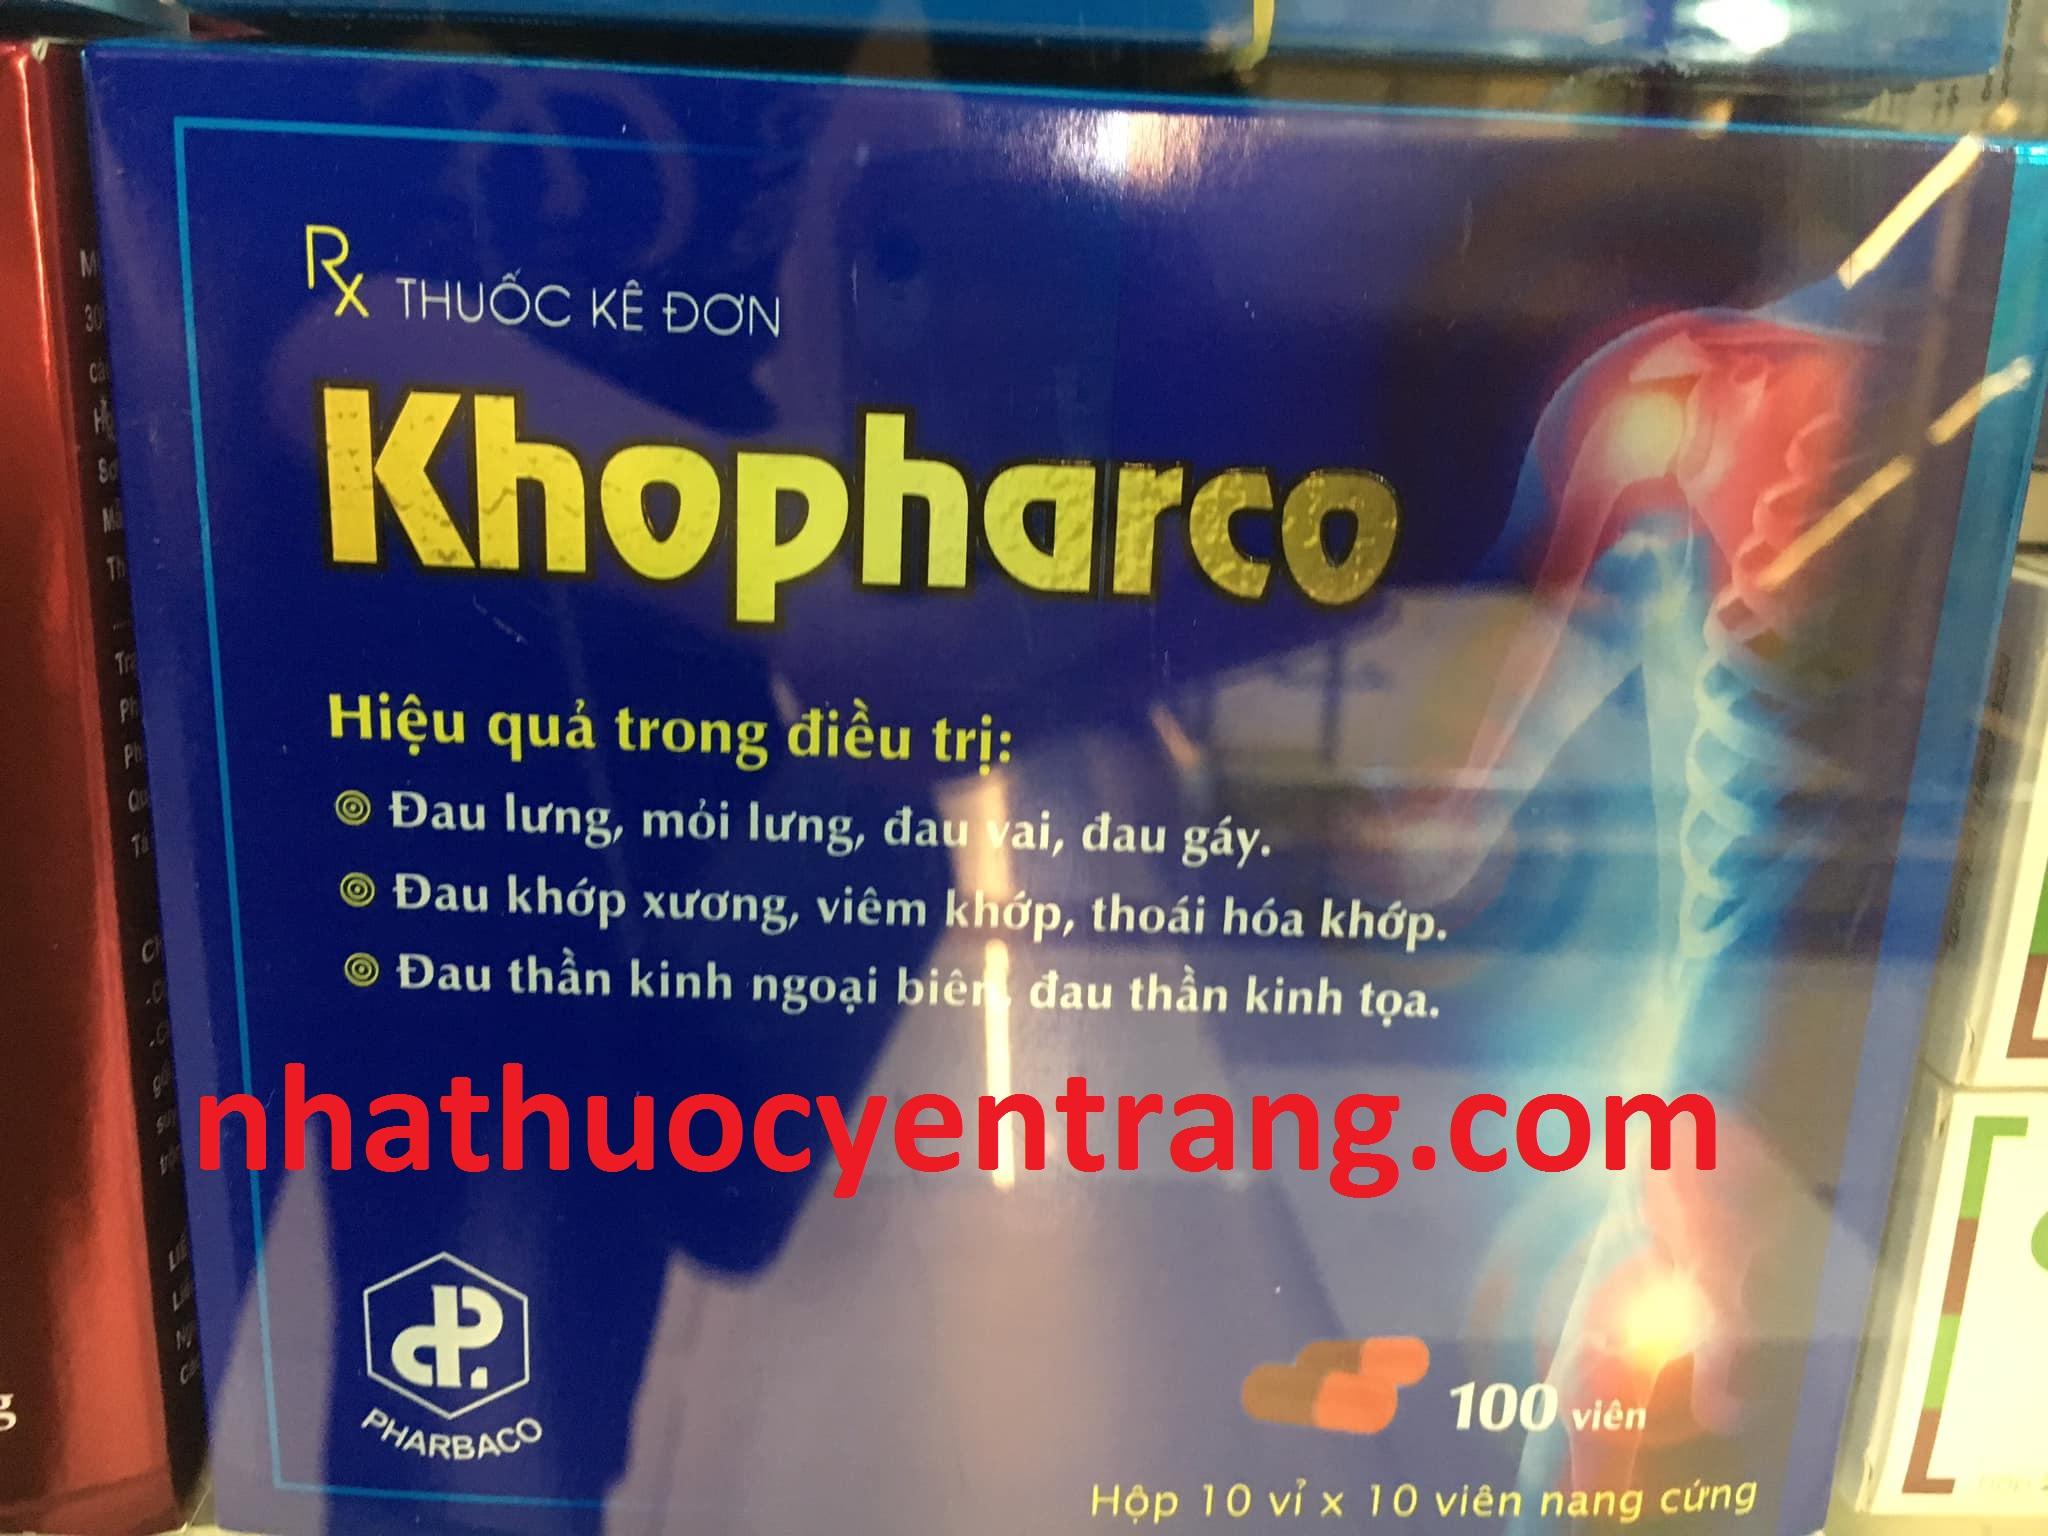 Khopharco